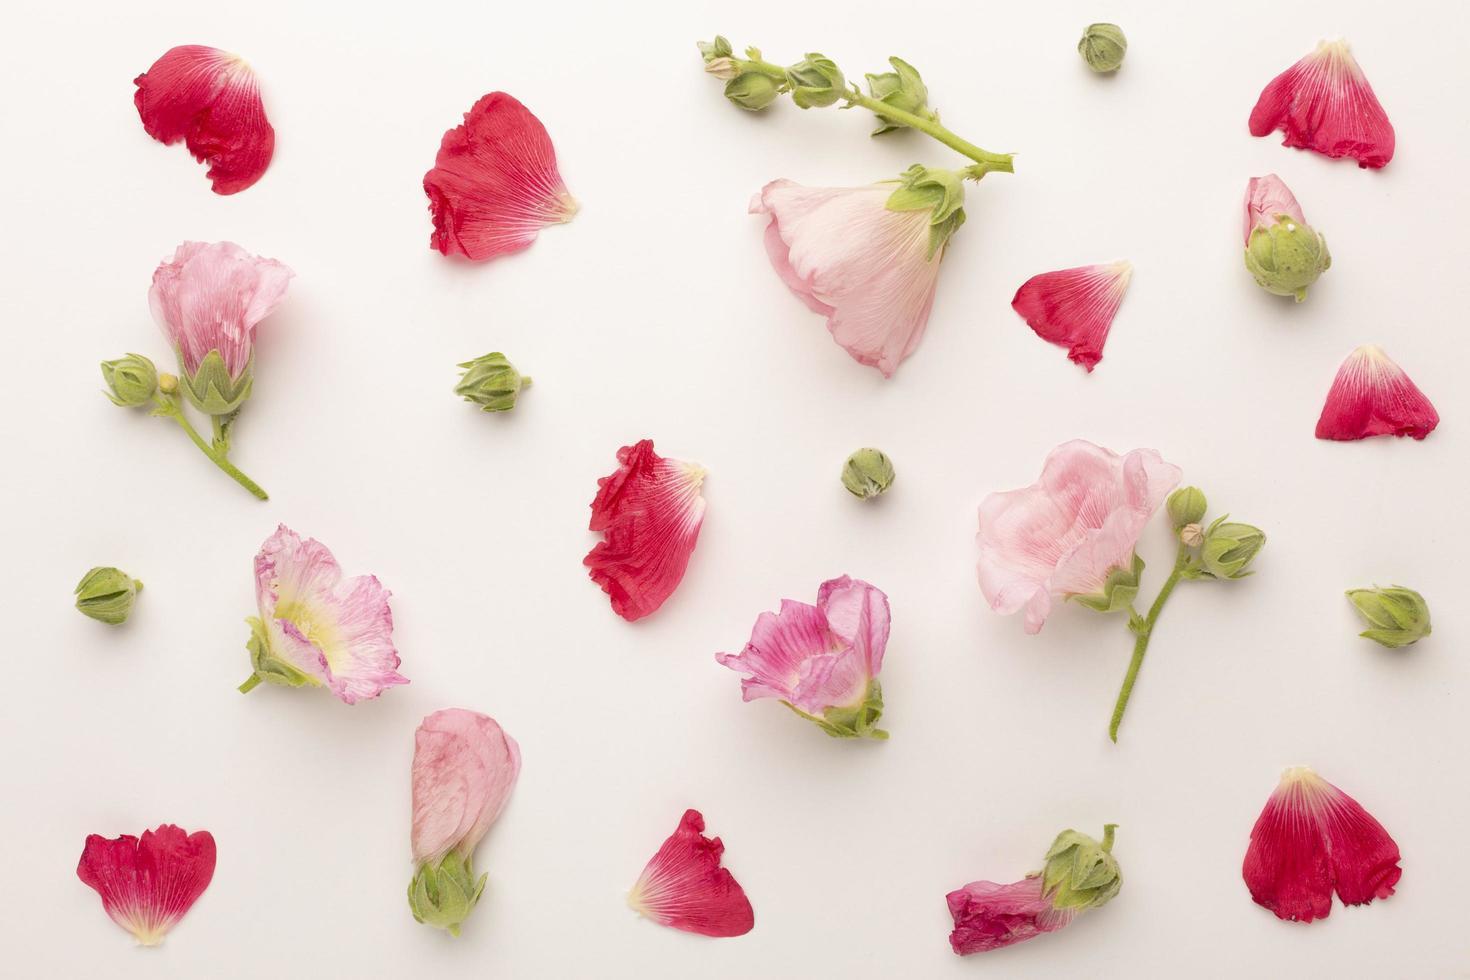 de bovenaanzicht compositie bloemen foto